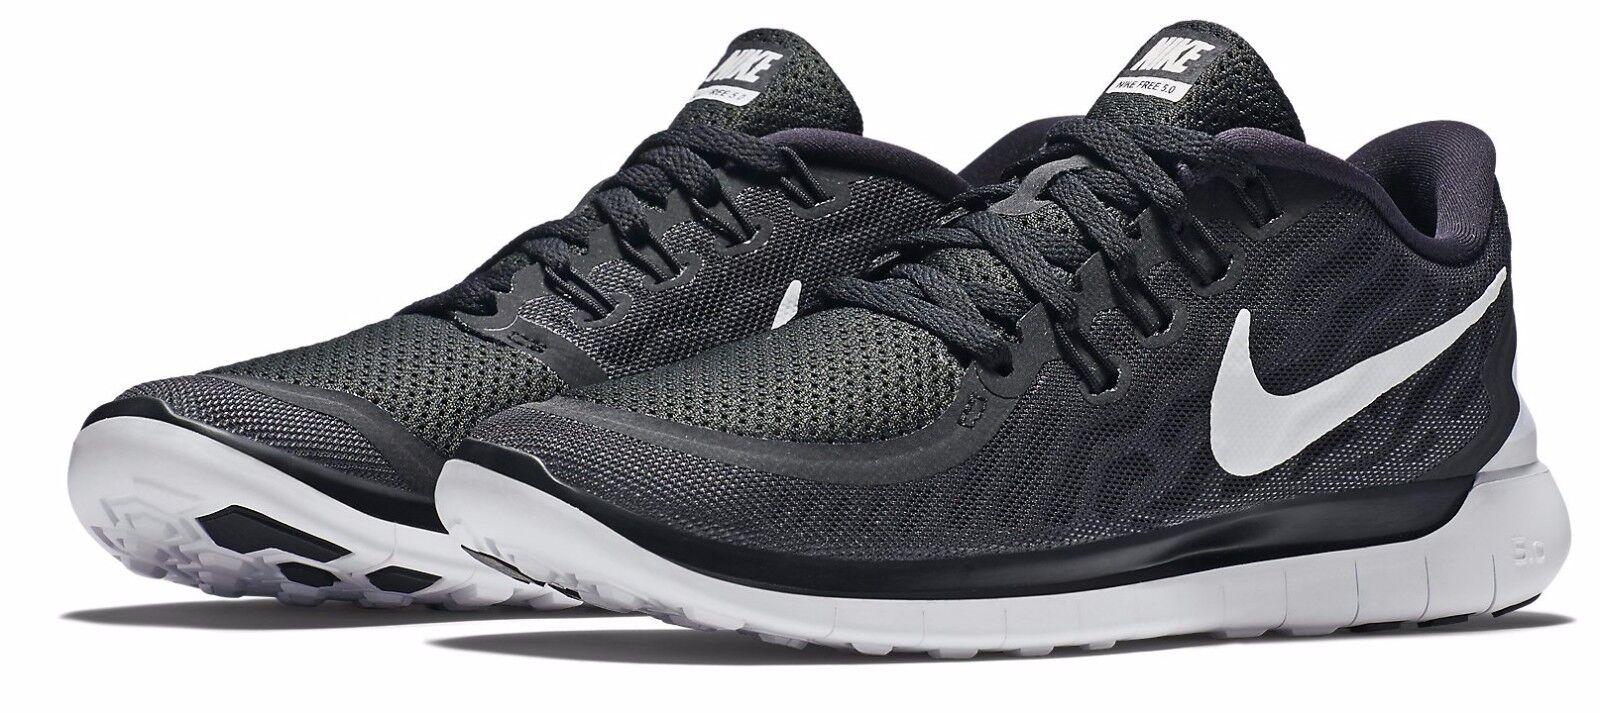 fino al 50% di sconto Nike Donna Donna Donna  Free 5.0 nero bianca Dark grigio 724383-002 Sz 6.5 10  comodamente